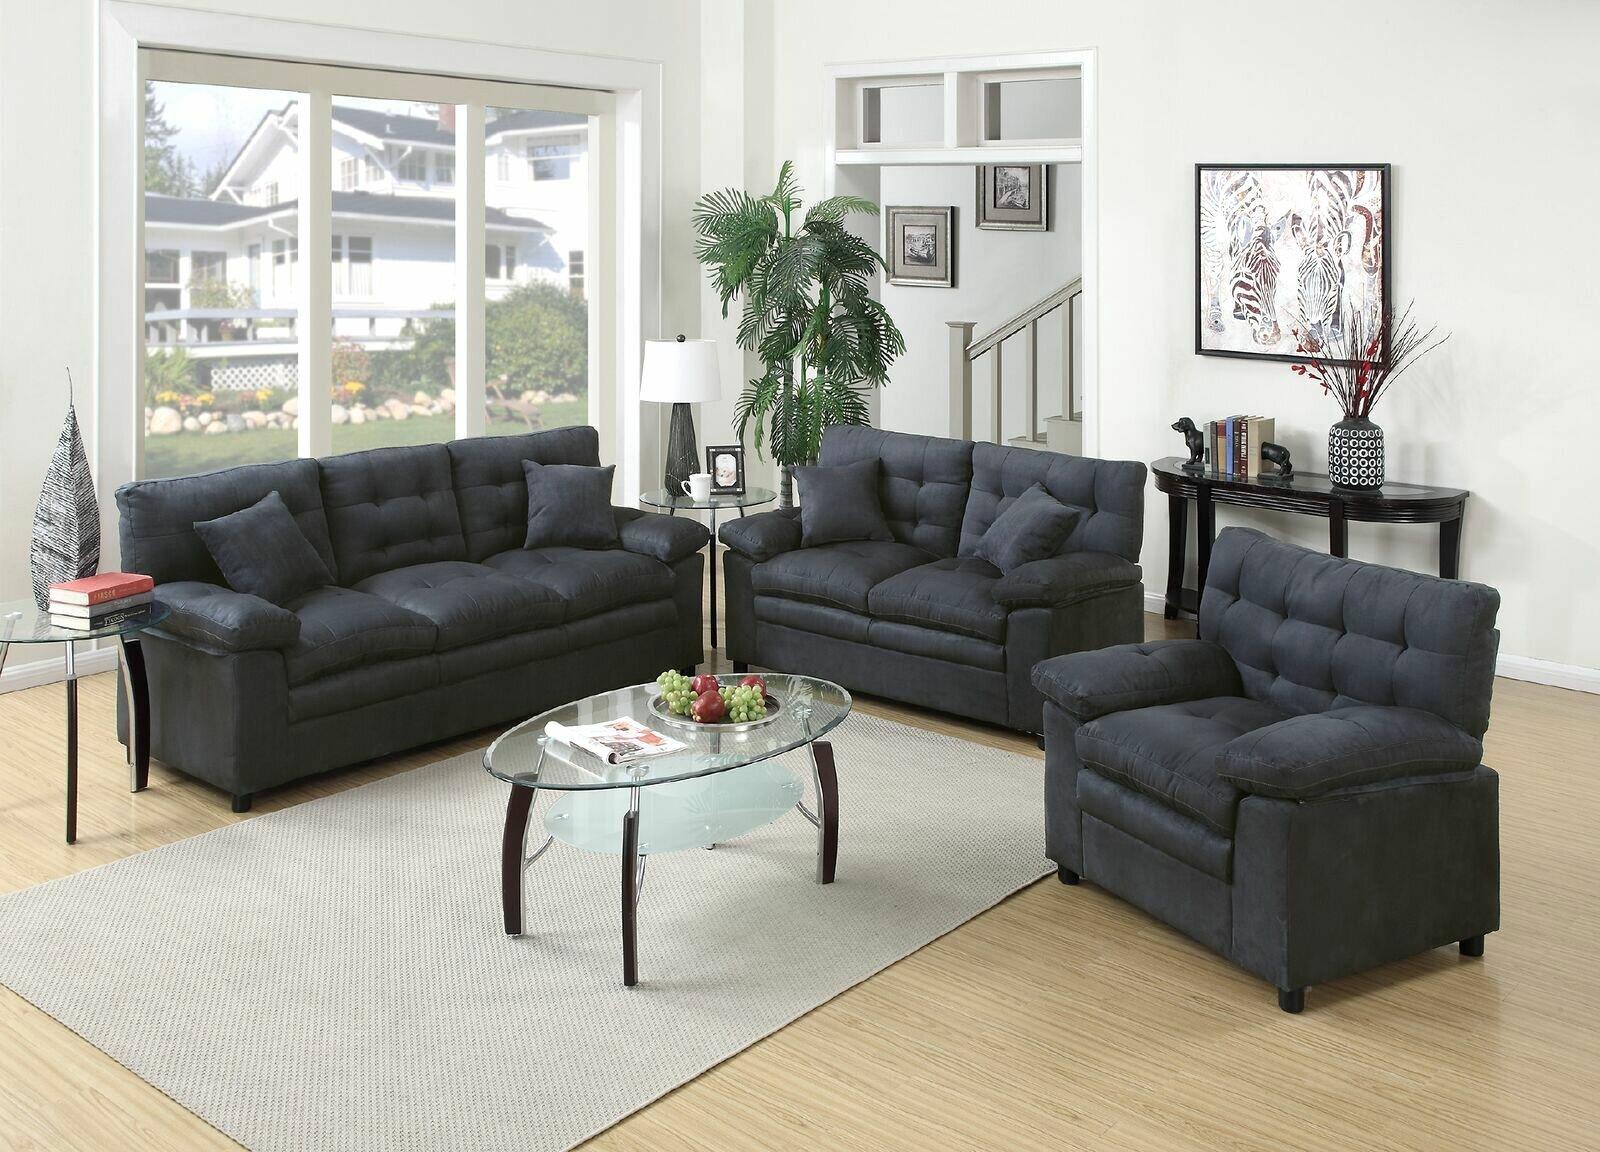 Red Barrel Studio Hayleigh 3 Piece Living Room Set & Reviews | Wayfair